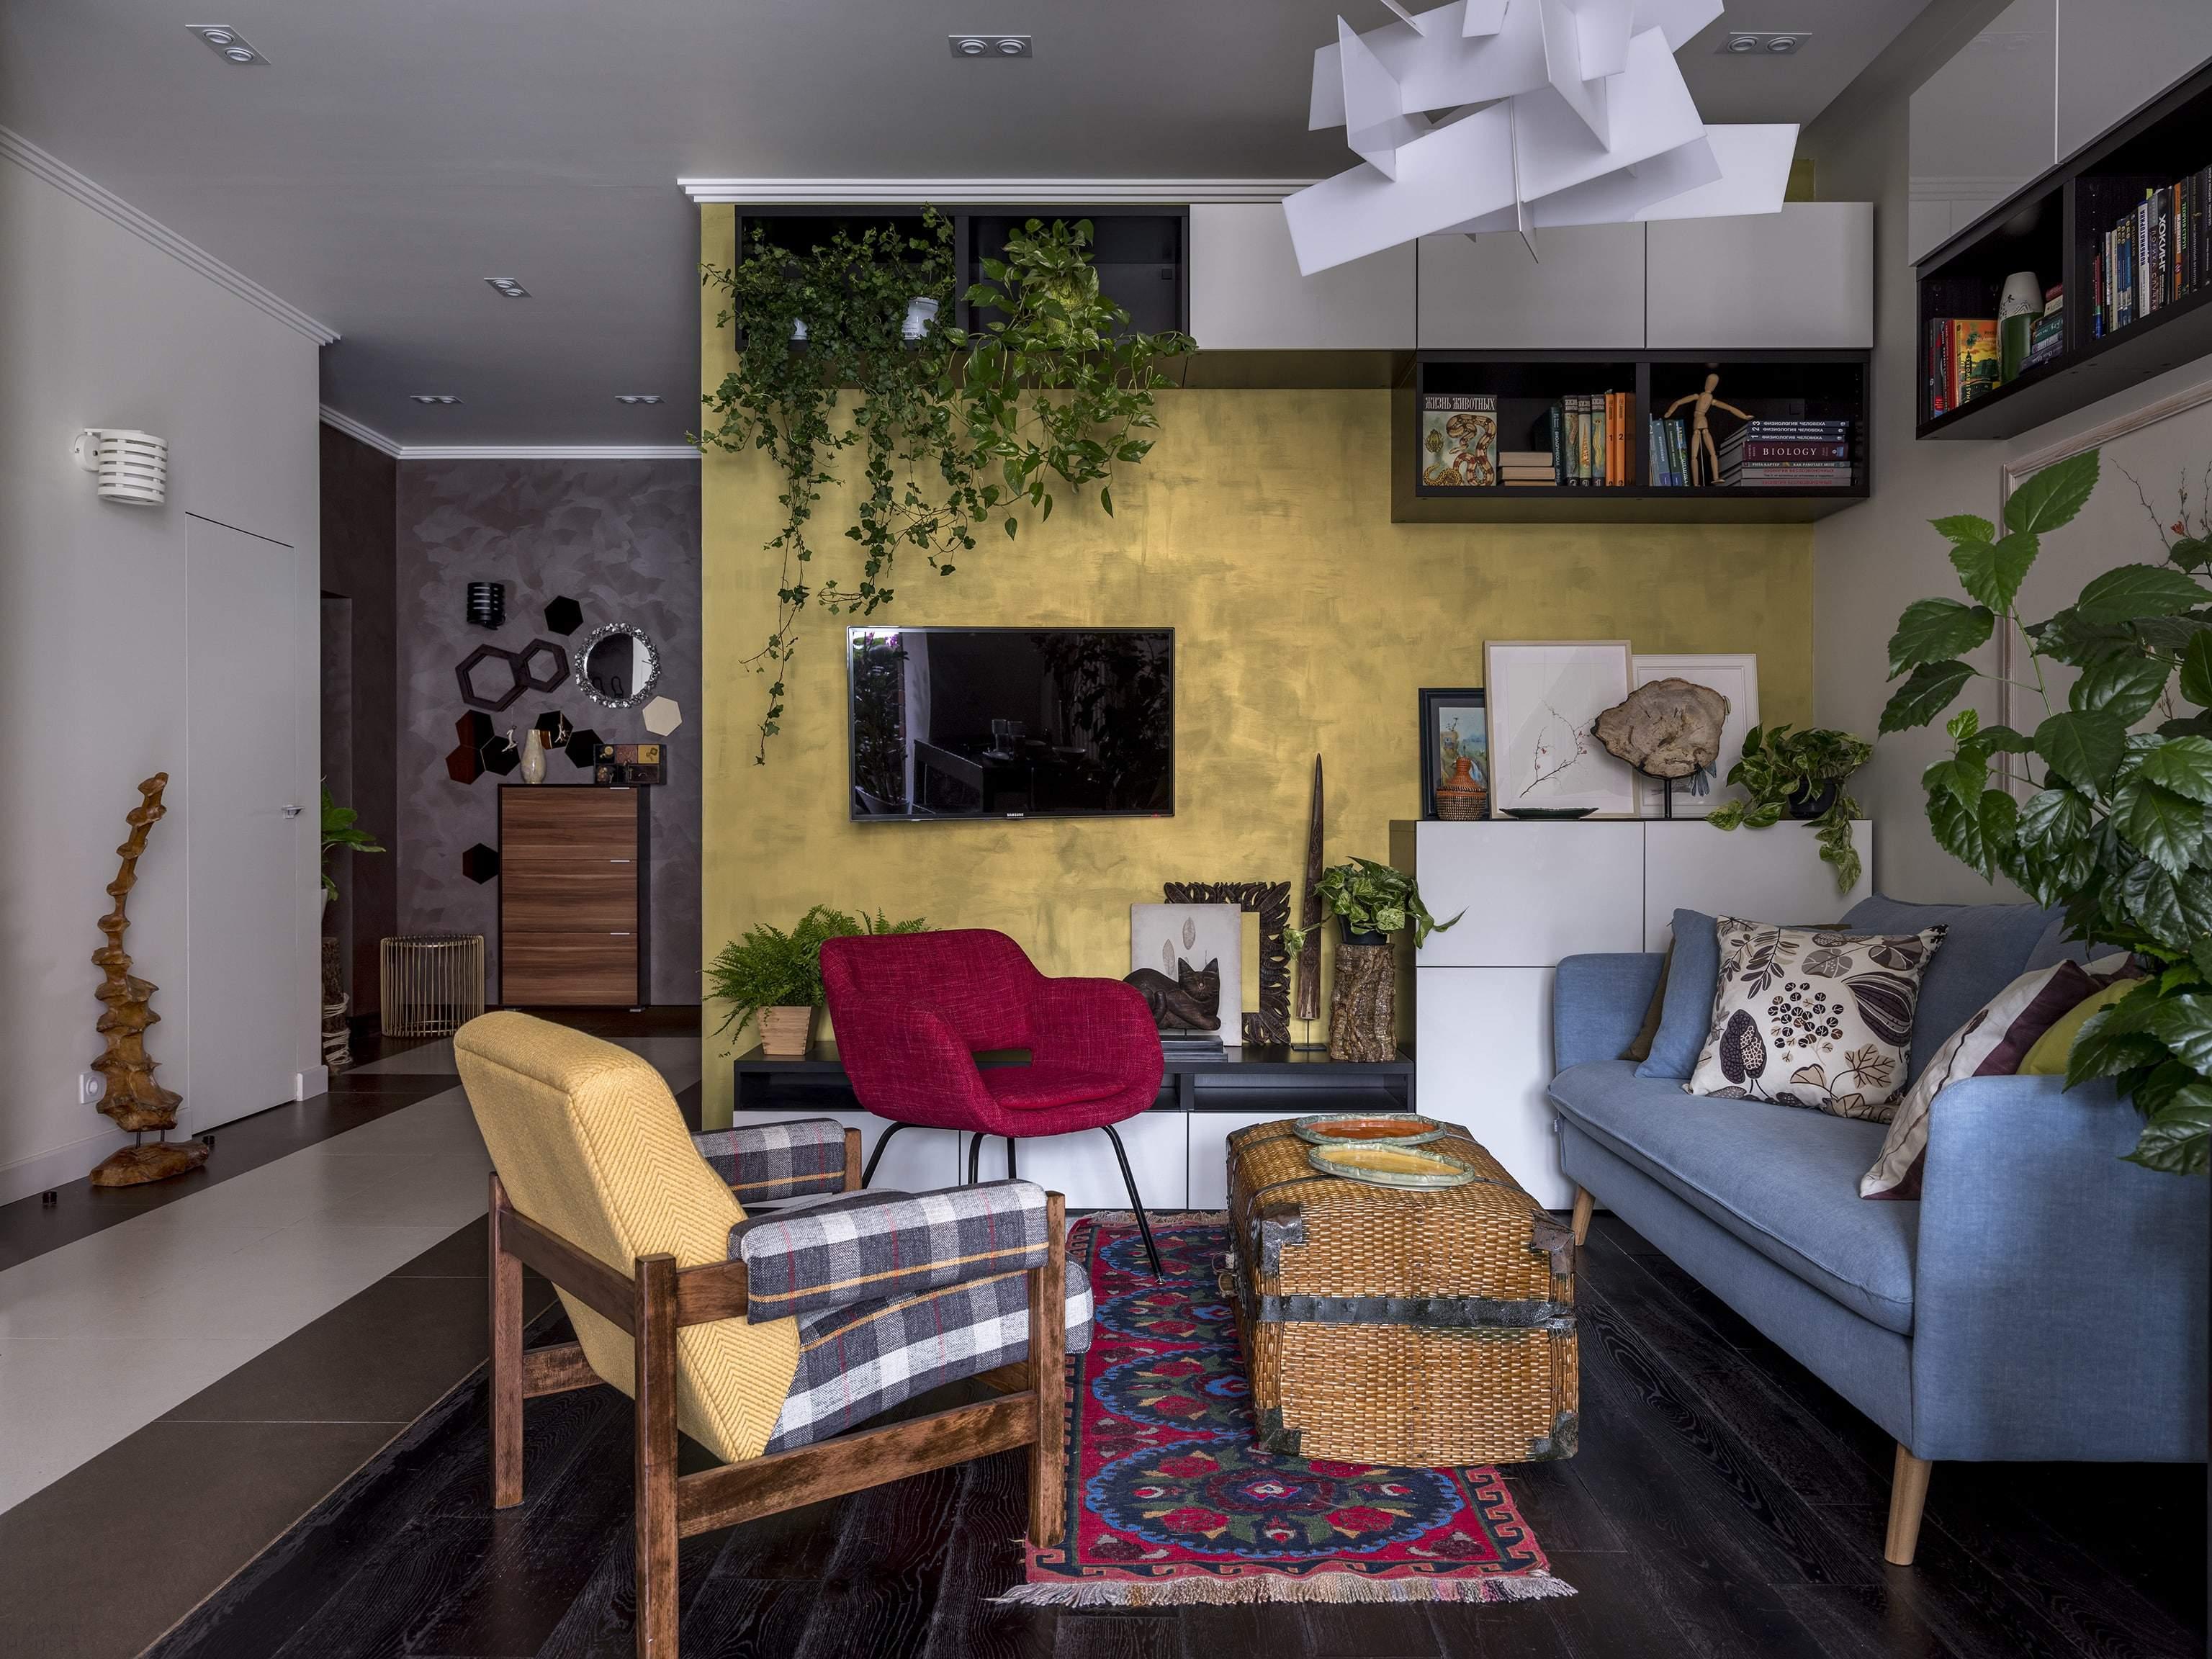 Современная квартира с ярким индивидуальным интерьером, Россия